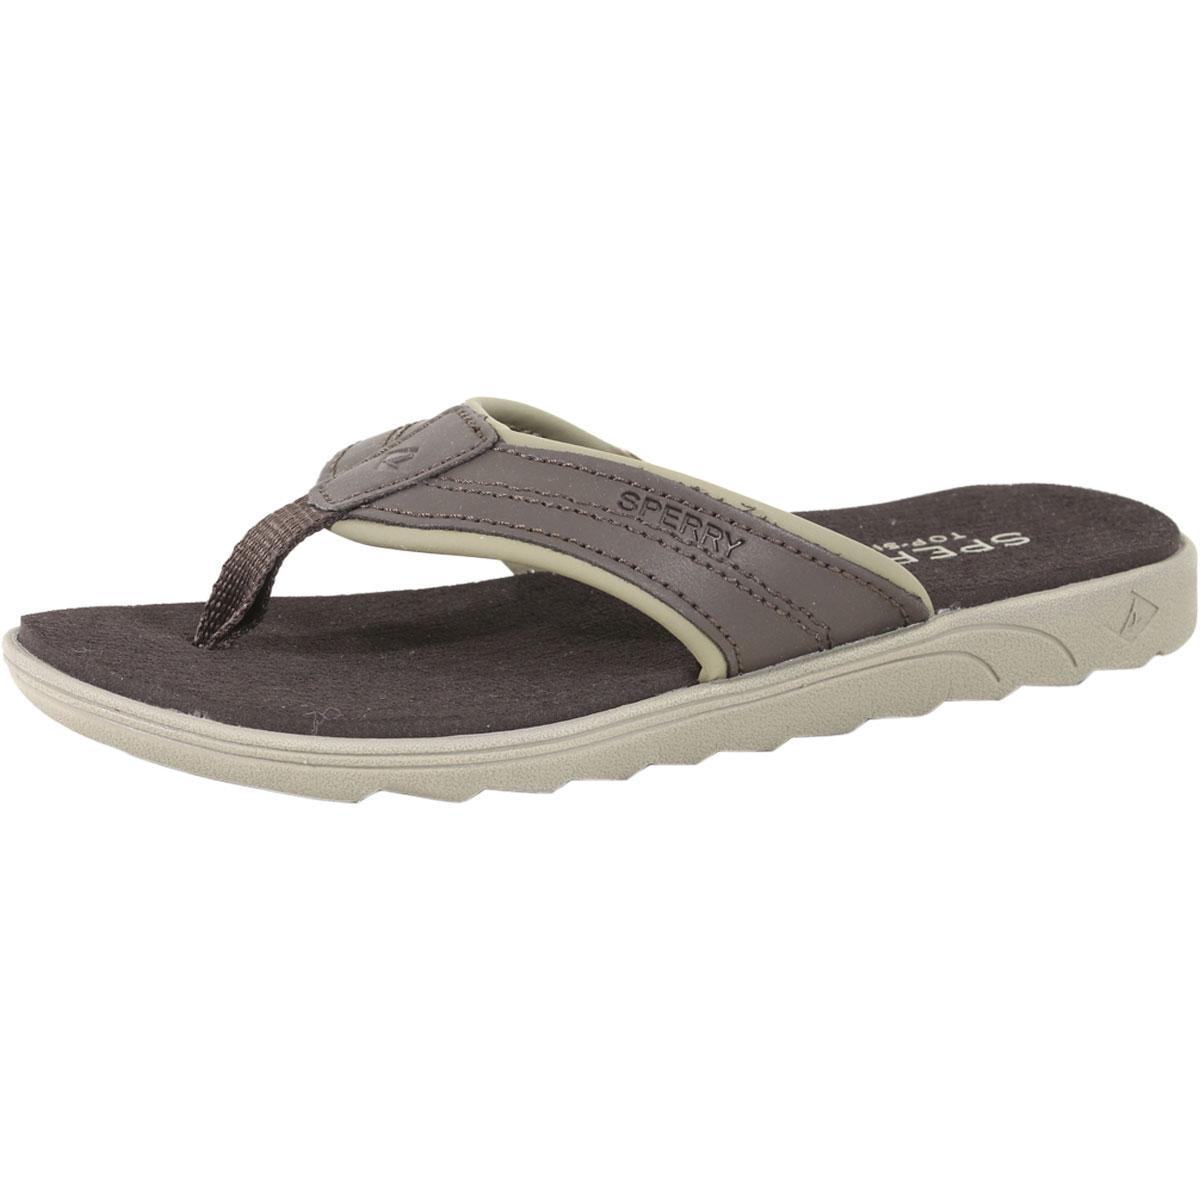 Tailslide Flip Flops Sandals Shoes